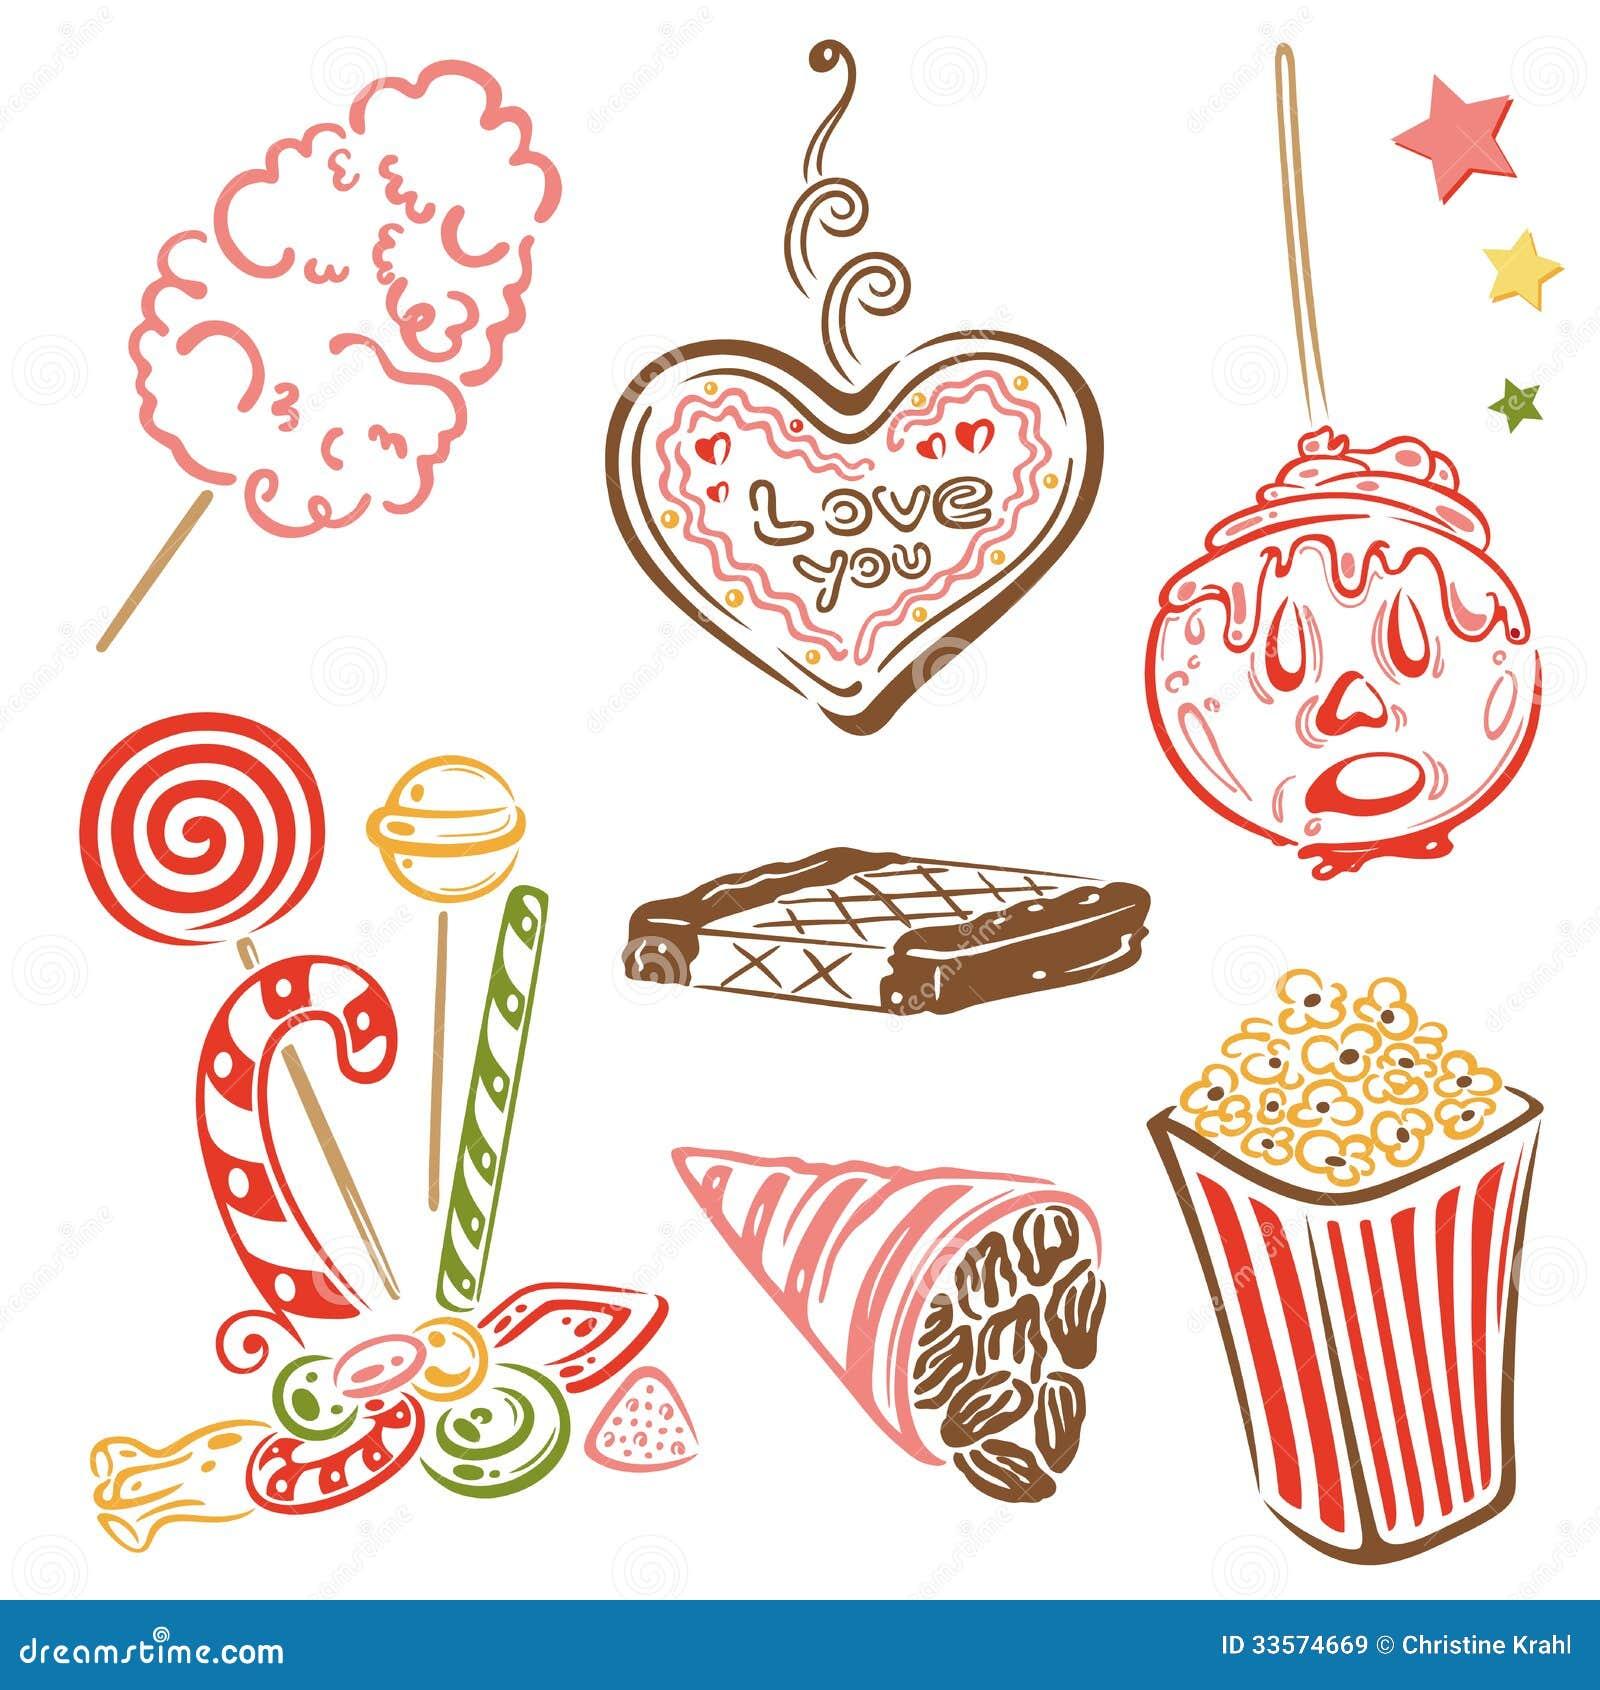 Fete Foraine Bonbons Sucrerie Illustration De Vecteur Illustration Du Foraine Fete 33574669